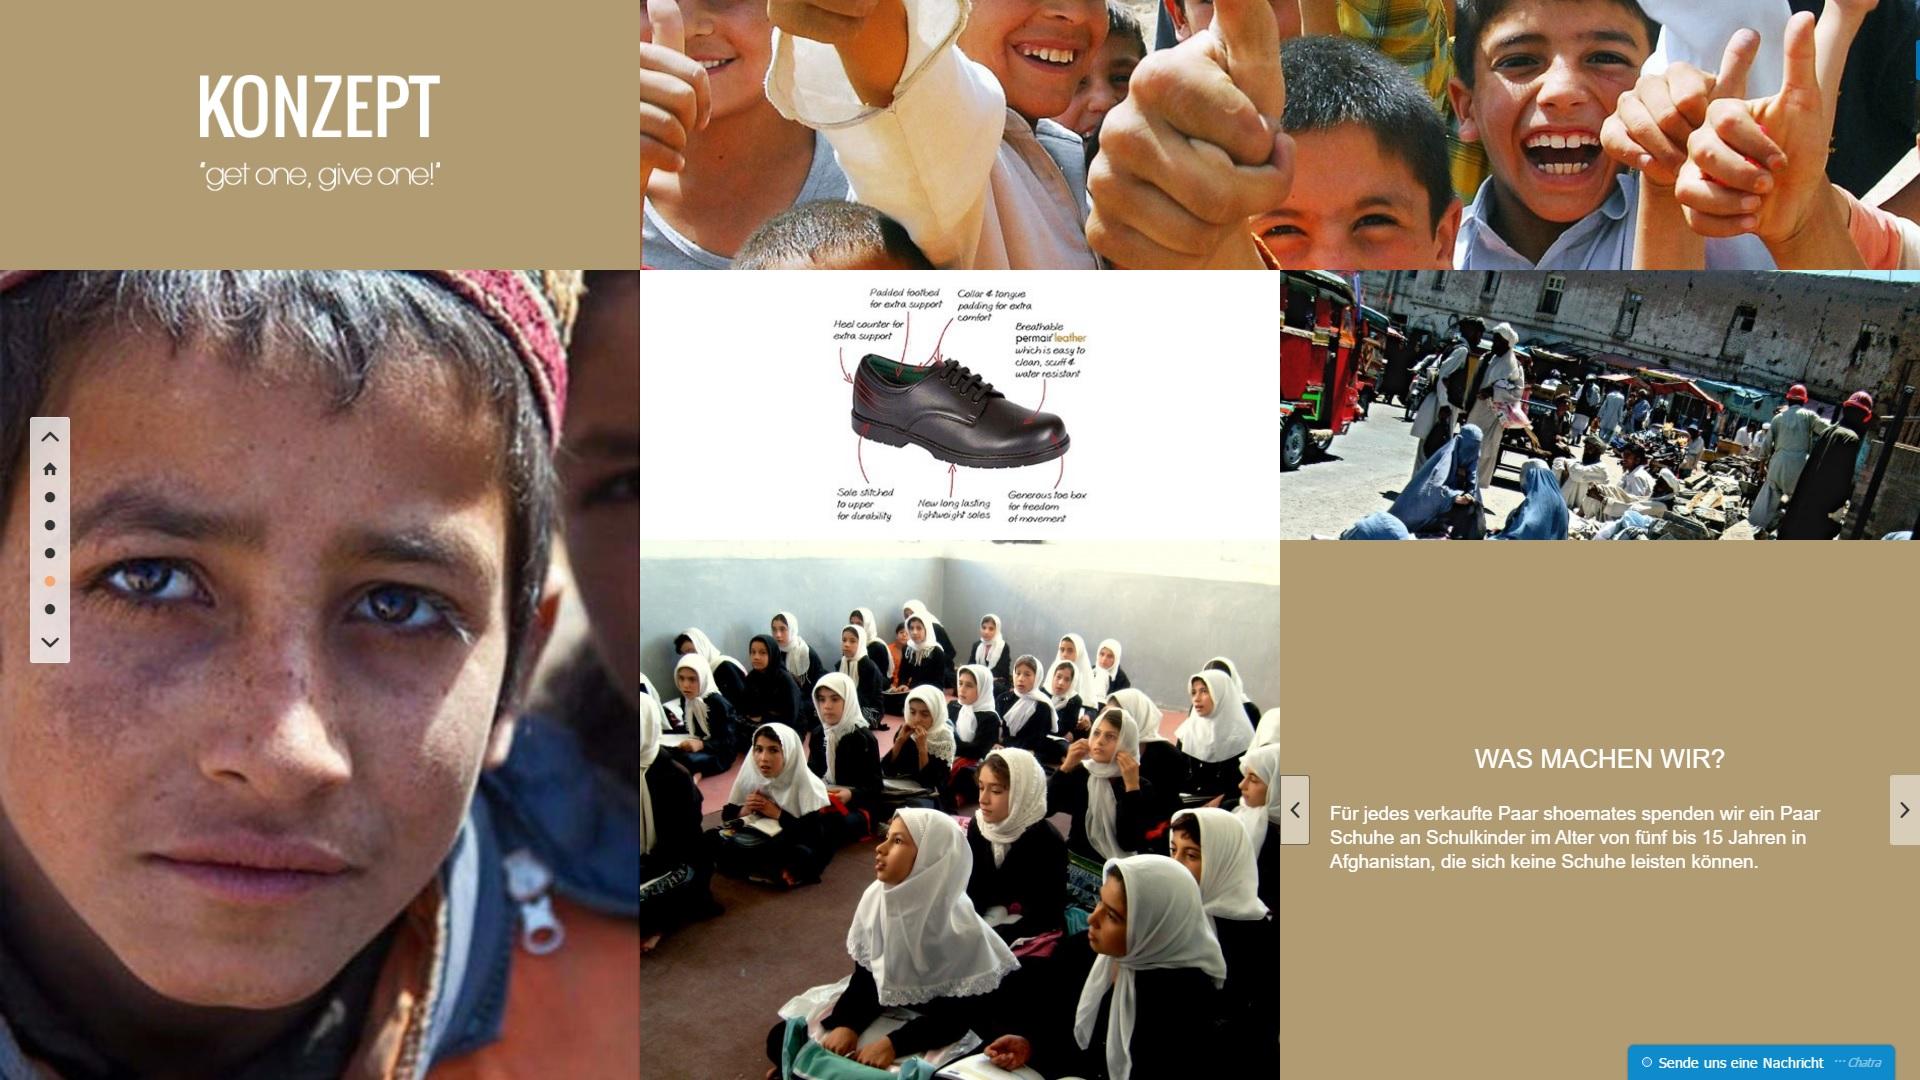 Shoemates-idee